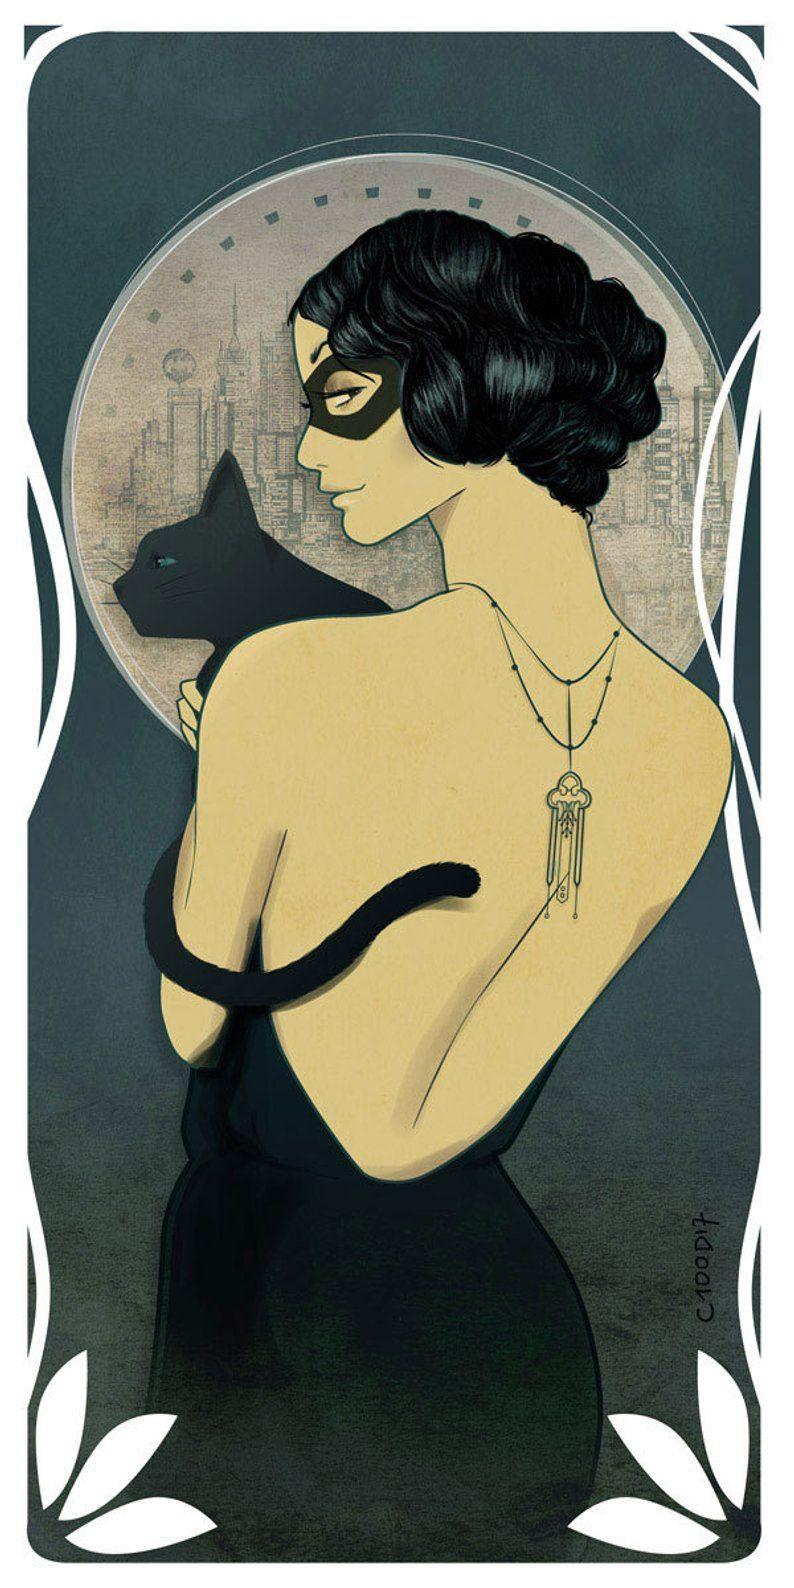 Dekorativer GeschenkComic CatwomanStil Mucha Jugendstil Geek Fanart sinnliche Superheldin von DC Comics schwarze Katze Maske schwarzes Kleid rückenfreies Juwelcatwom...